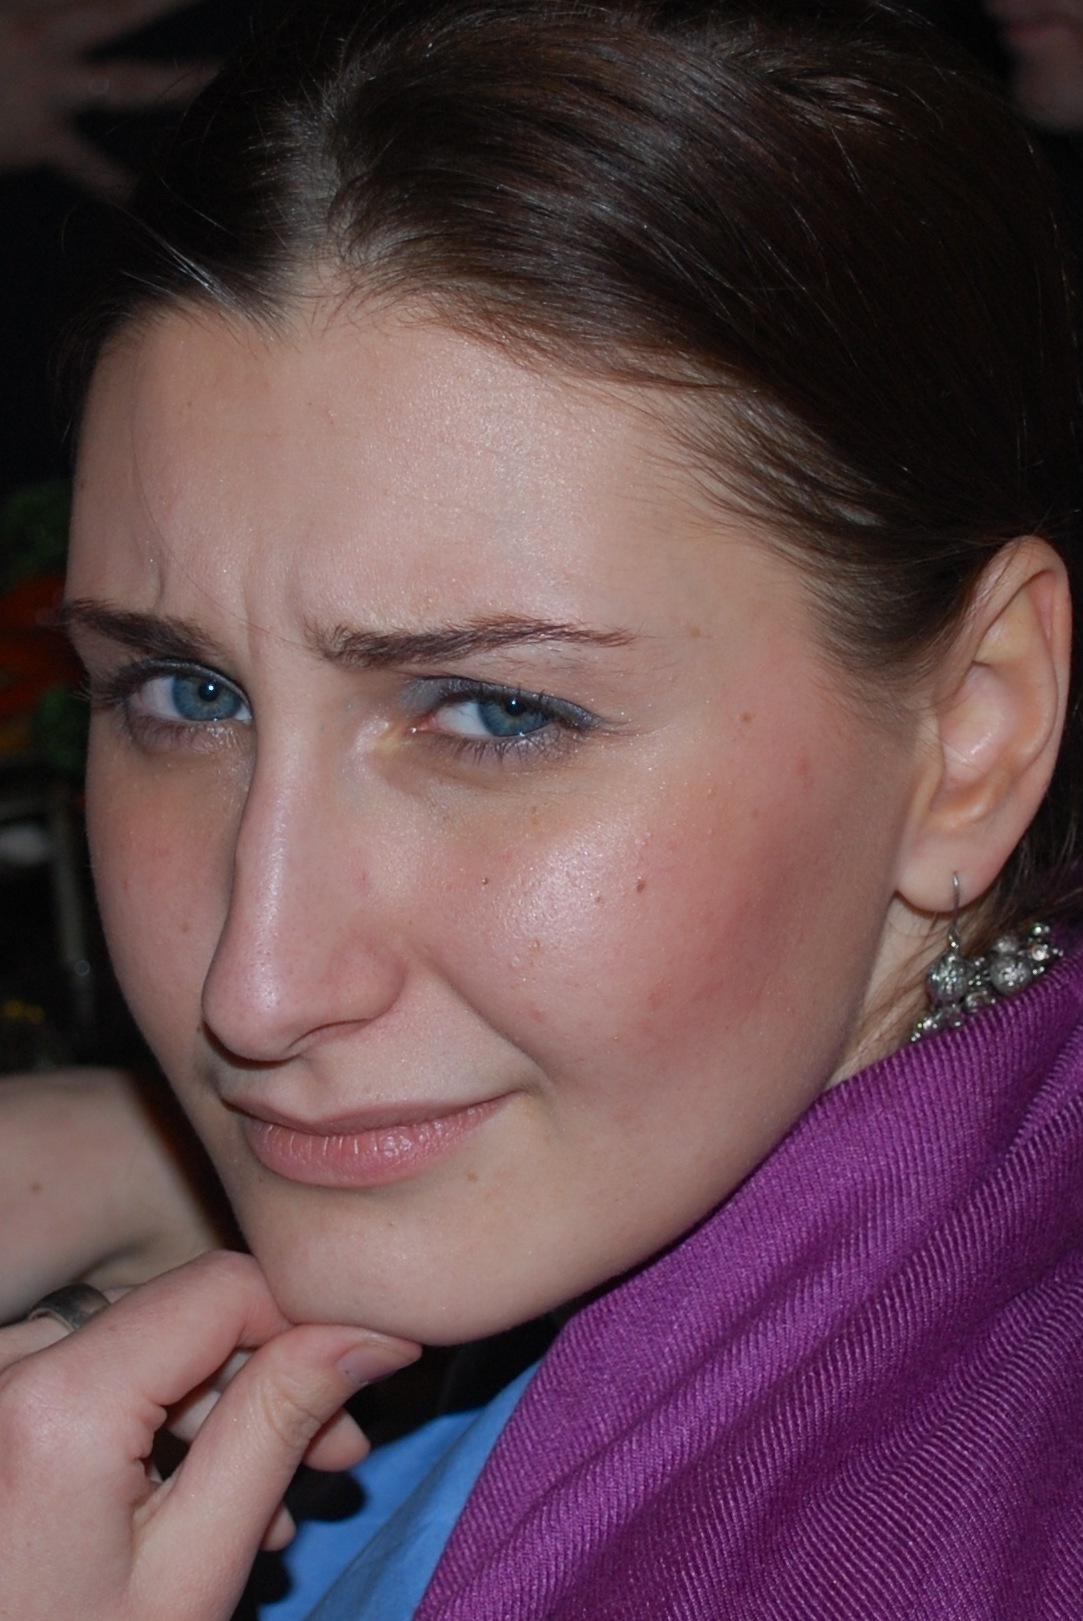 Мила Мамонтова, 35 лет, Санкт-Петербург, Россия. Фото 1